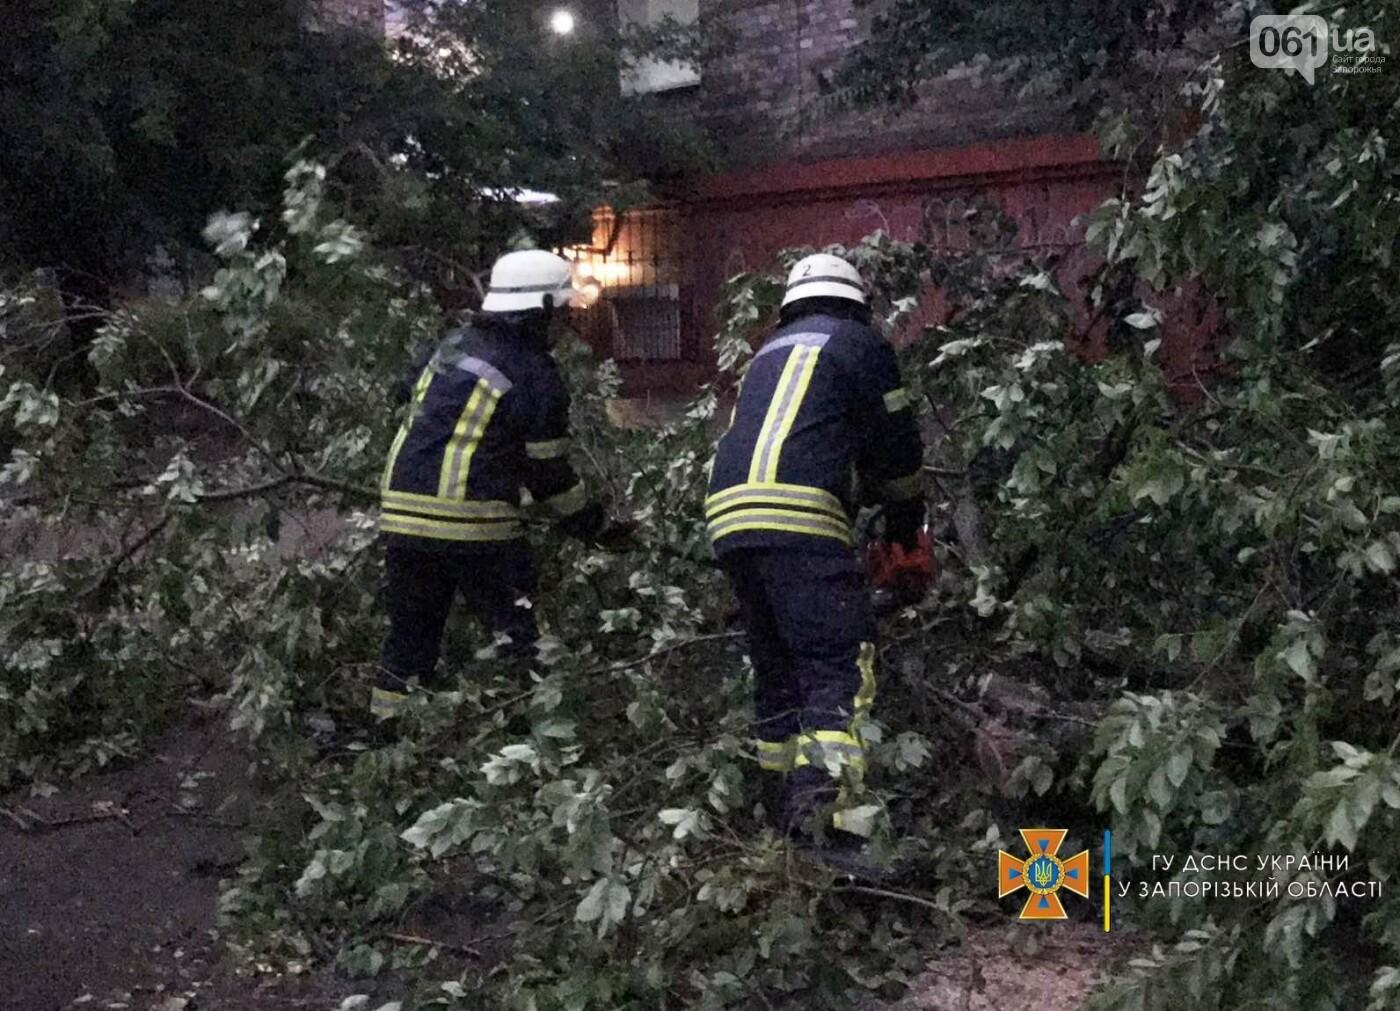 212006205558856421786960674055899955527326nresult 60ed3250b9d8d - Непогода в Запорожской области: поваленные деревья и подтопленный дом